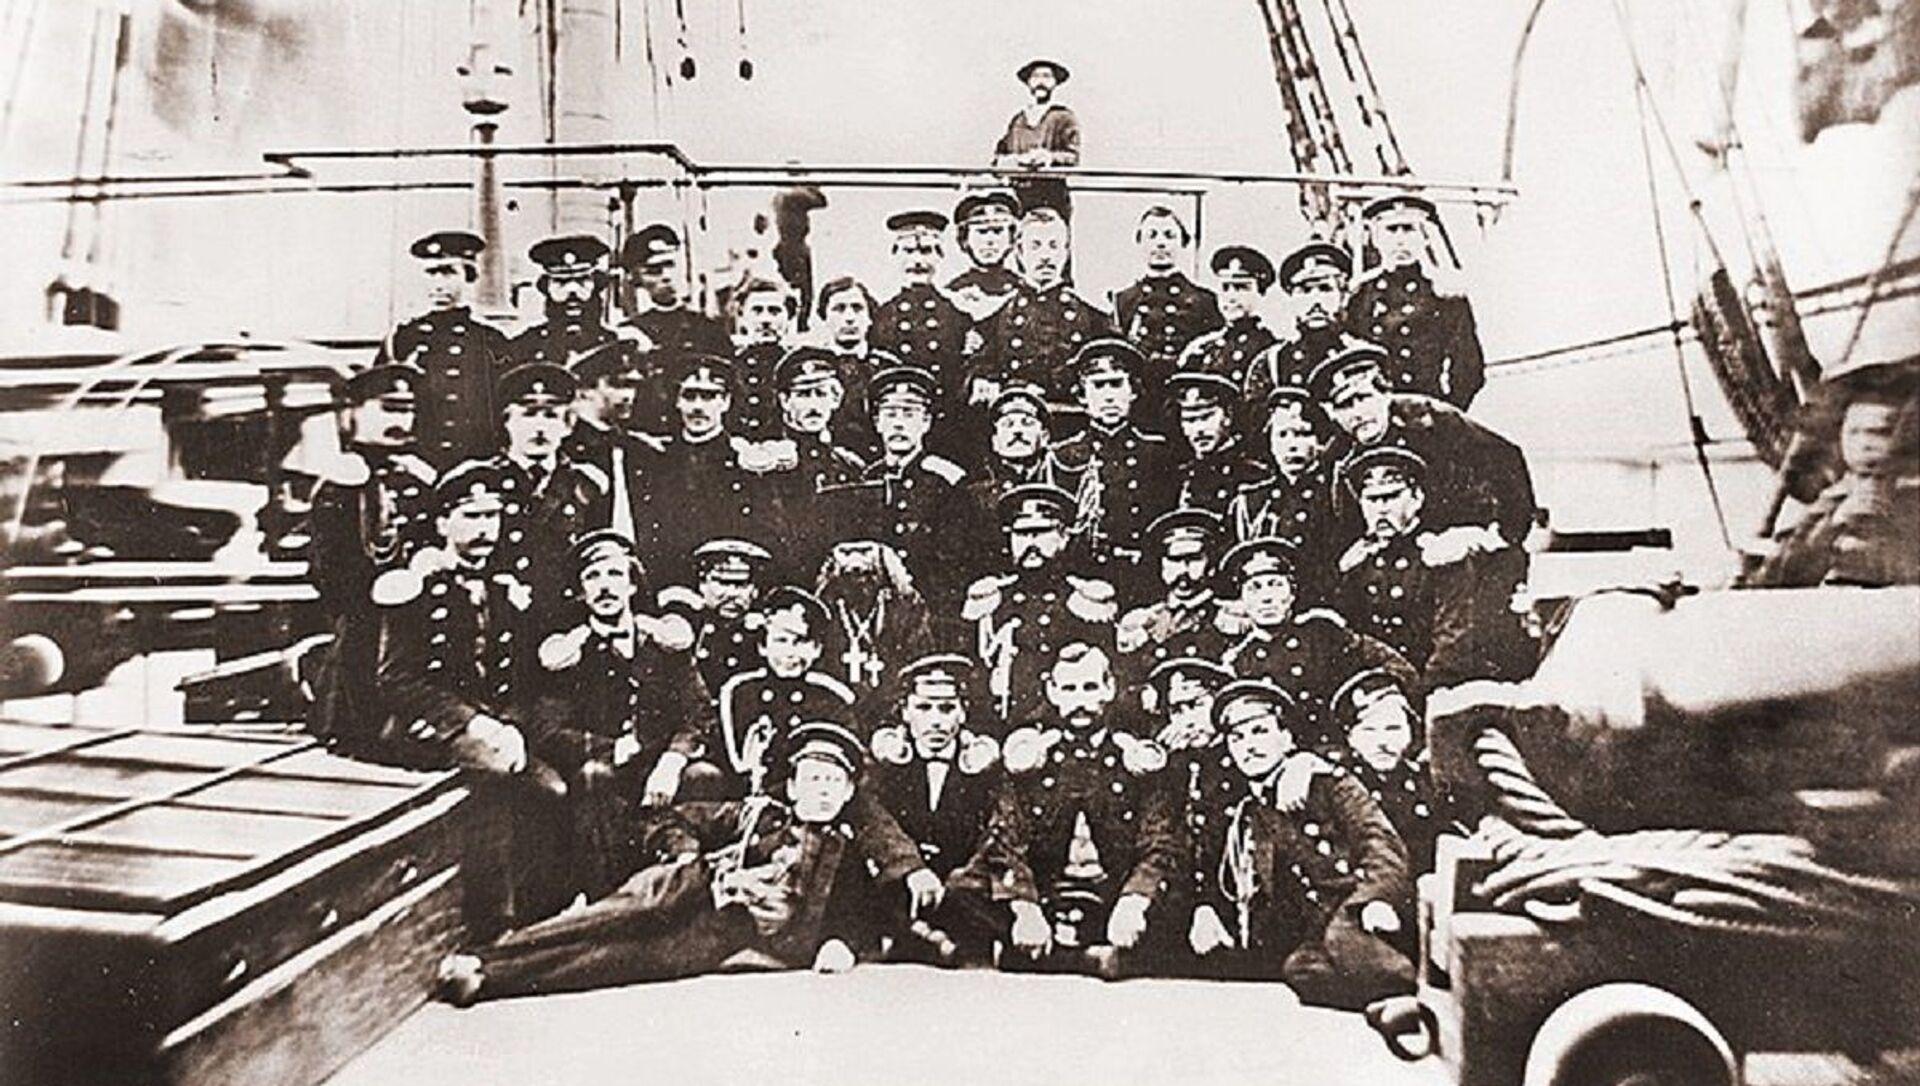 Oficiales rusos a bordo de la fragata Peresvet, en Boston, en 1863 - Sputnik Mundo, 1920, 01.10.2020